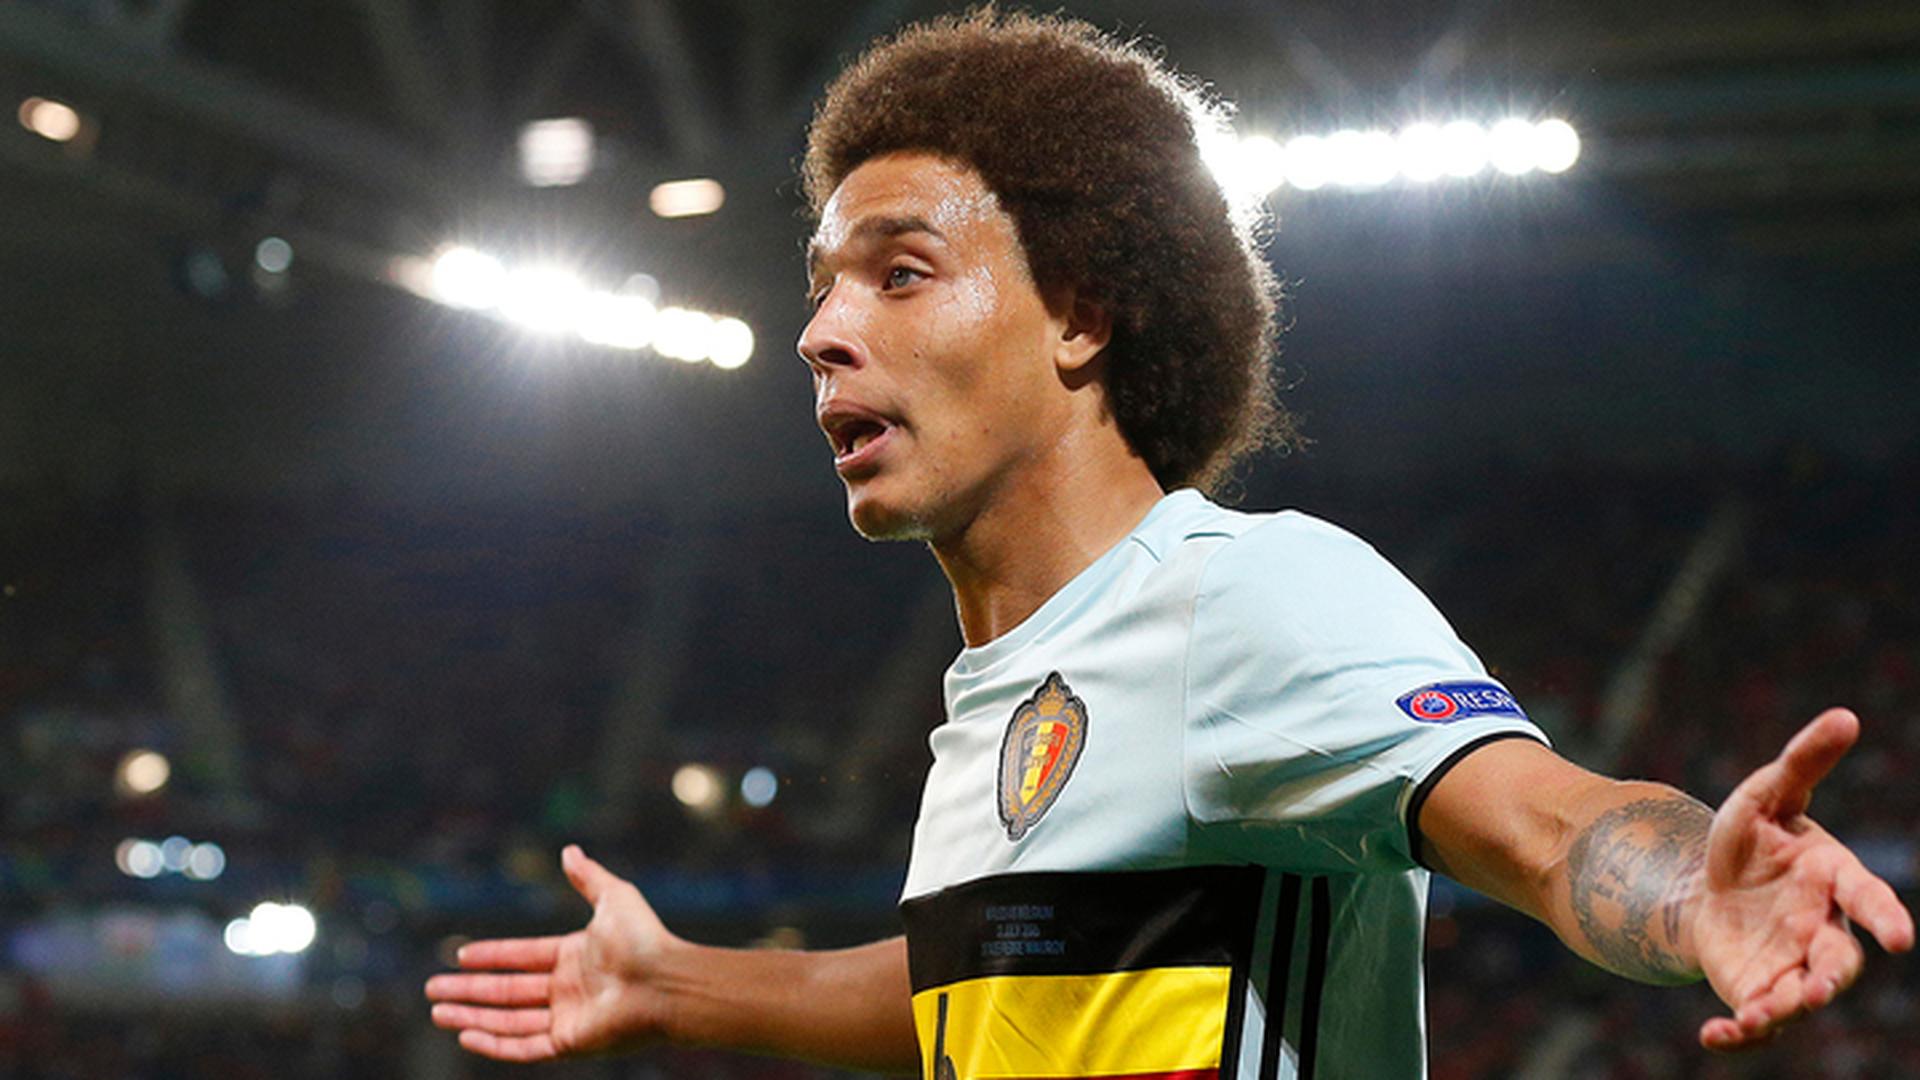 Витсель попал в стартовый состав сборной Бельгии на матч с Панамой